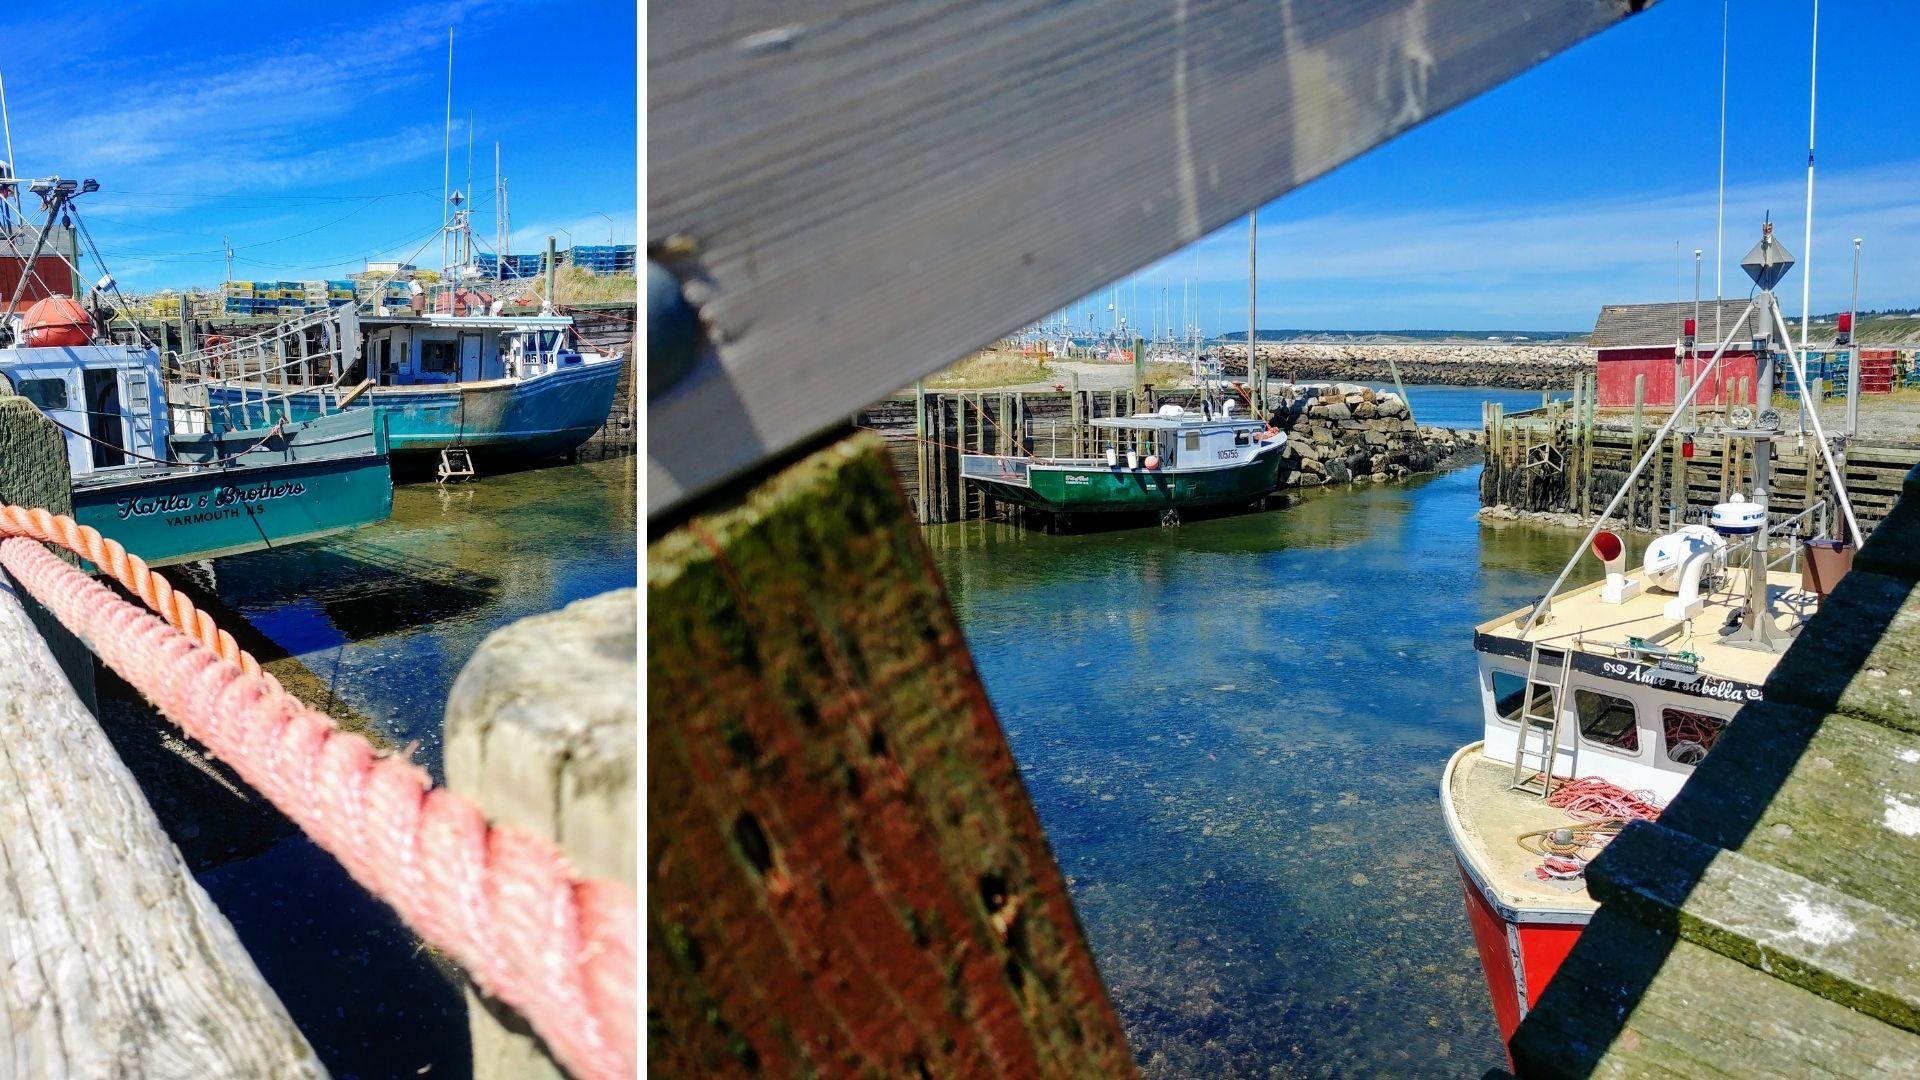 Yarmouth pont levis Sandford drawbridge visiter laNouvelle-Écosse itinéraire blog voyage